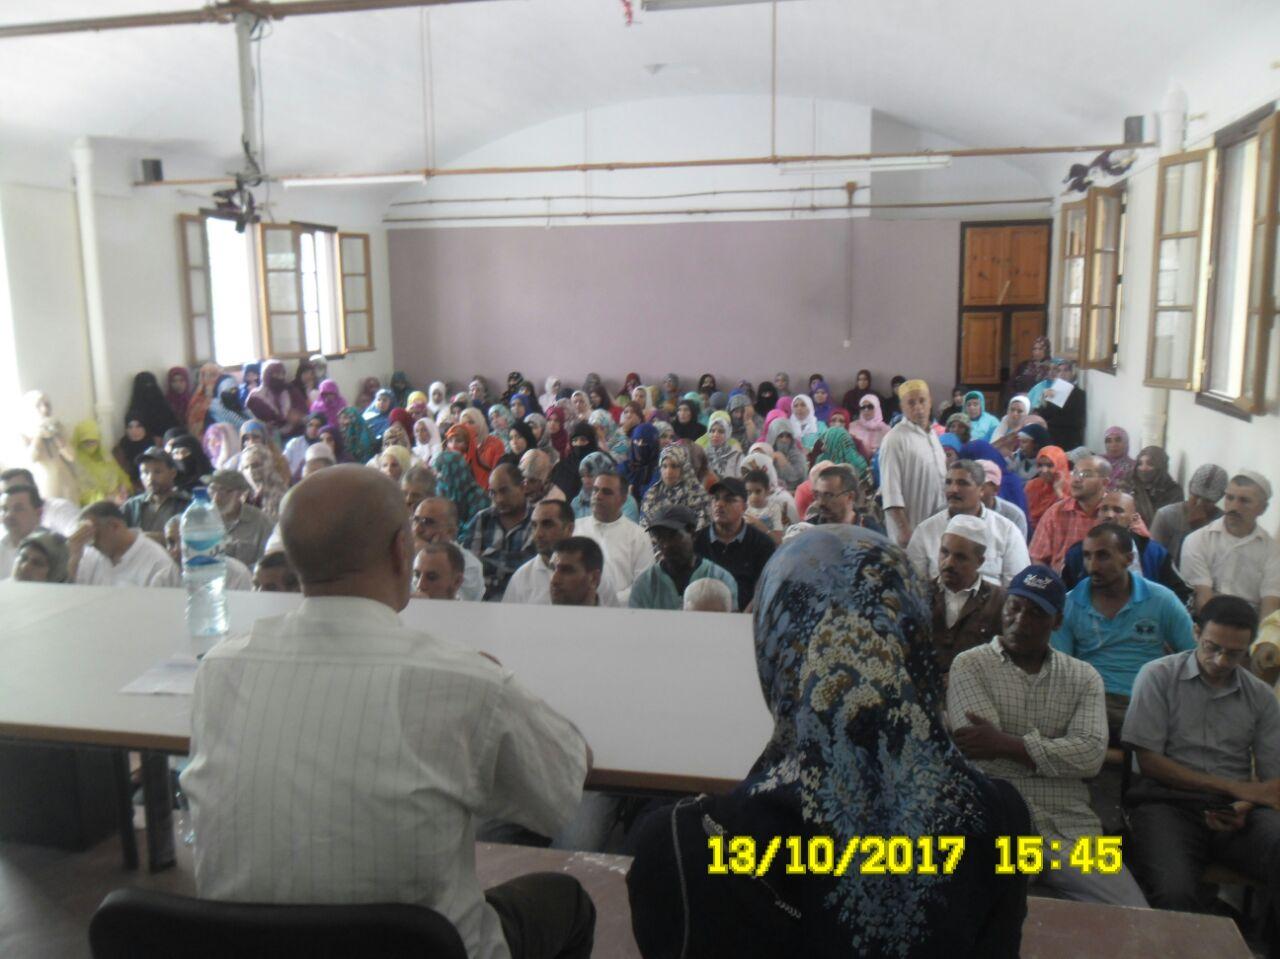 لقاء تواصلي مع اباء وامهات التلاميذ بثانوية مولاي رشيد